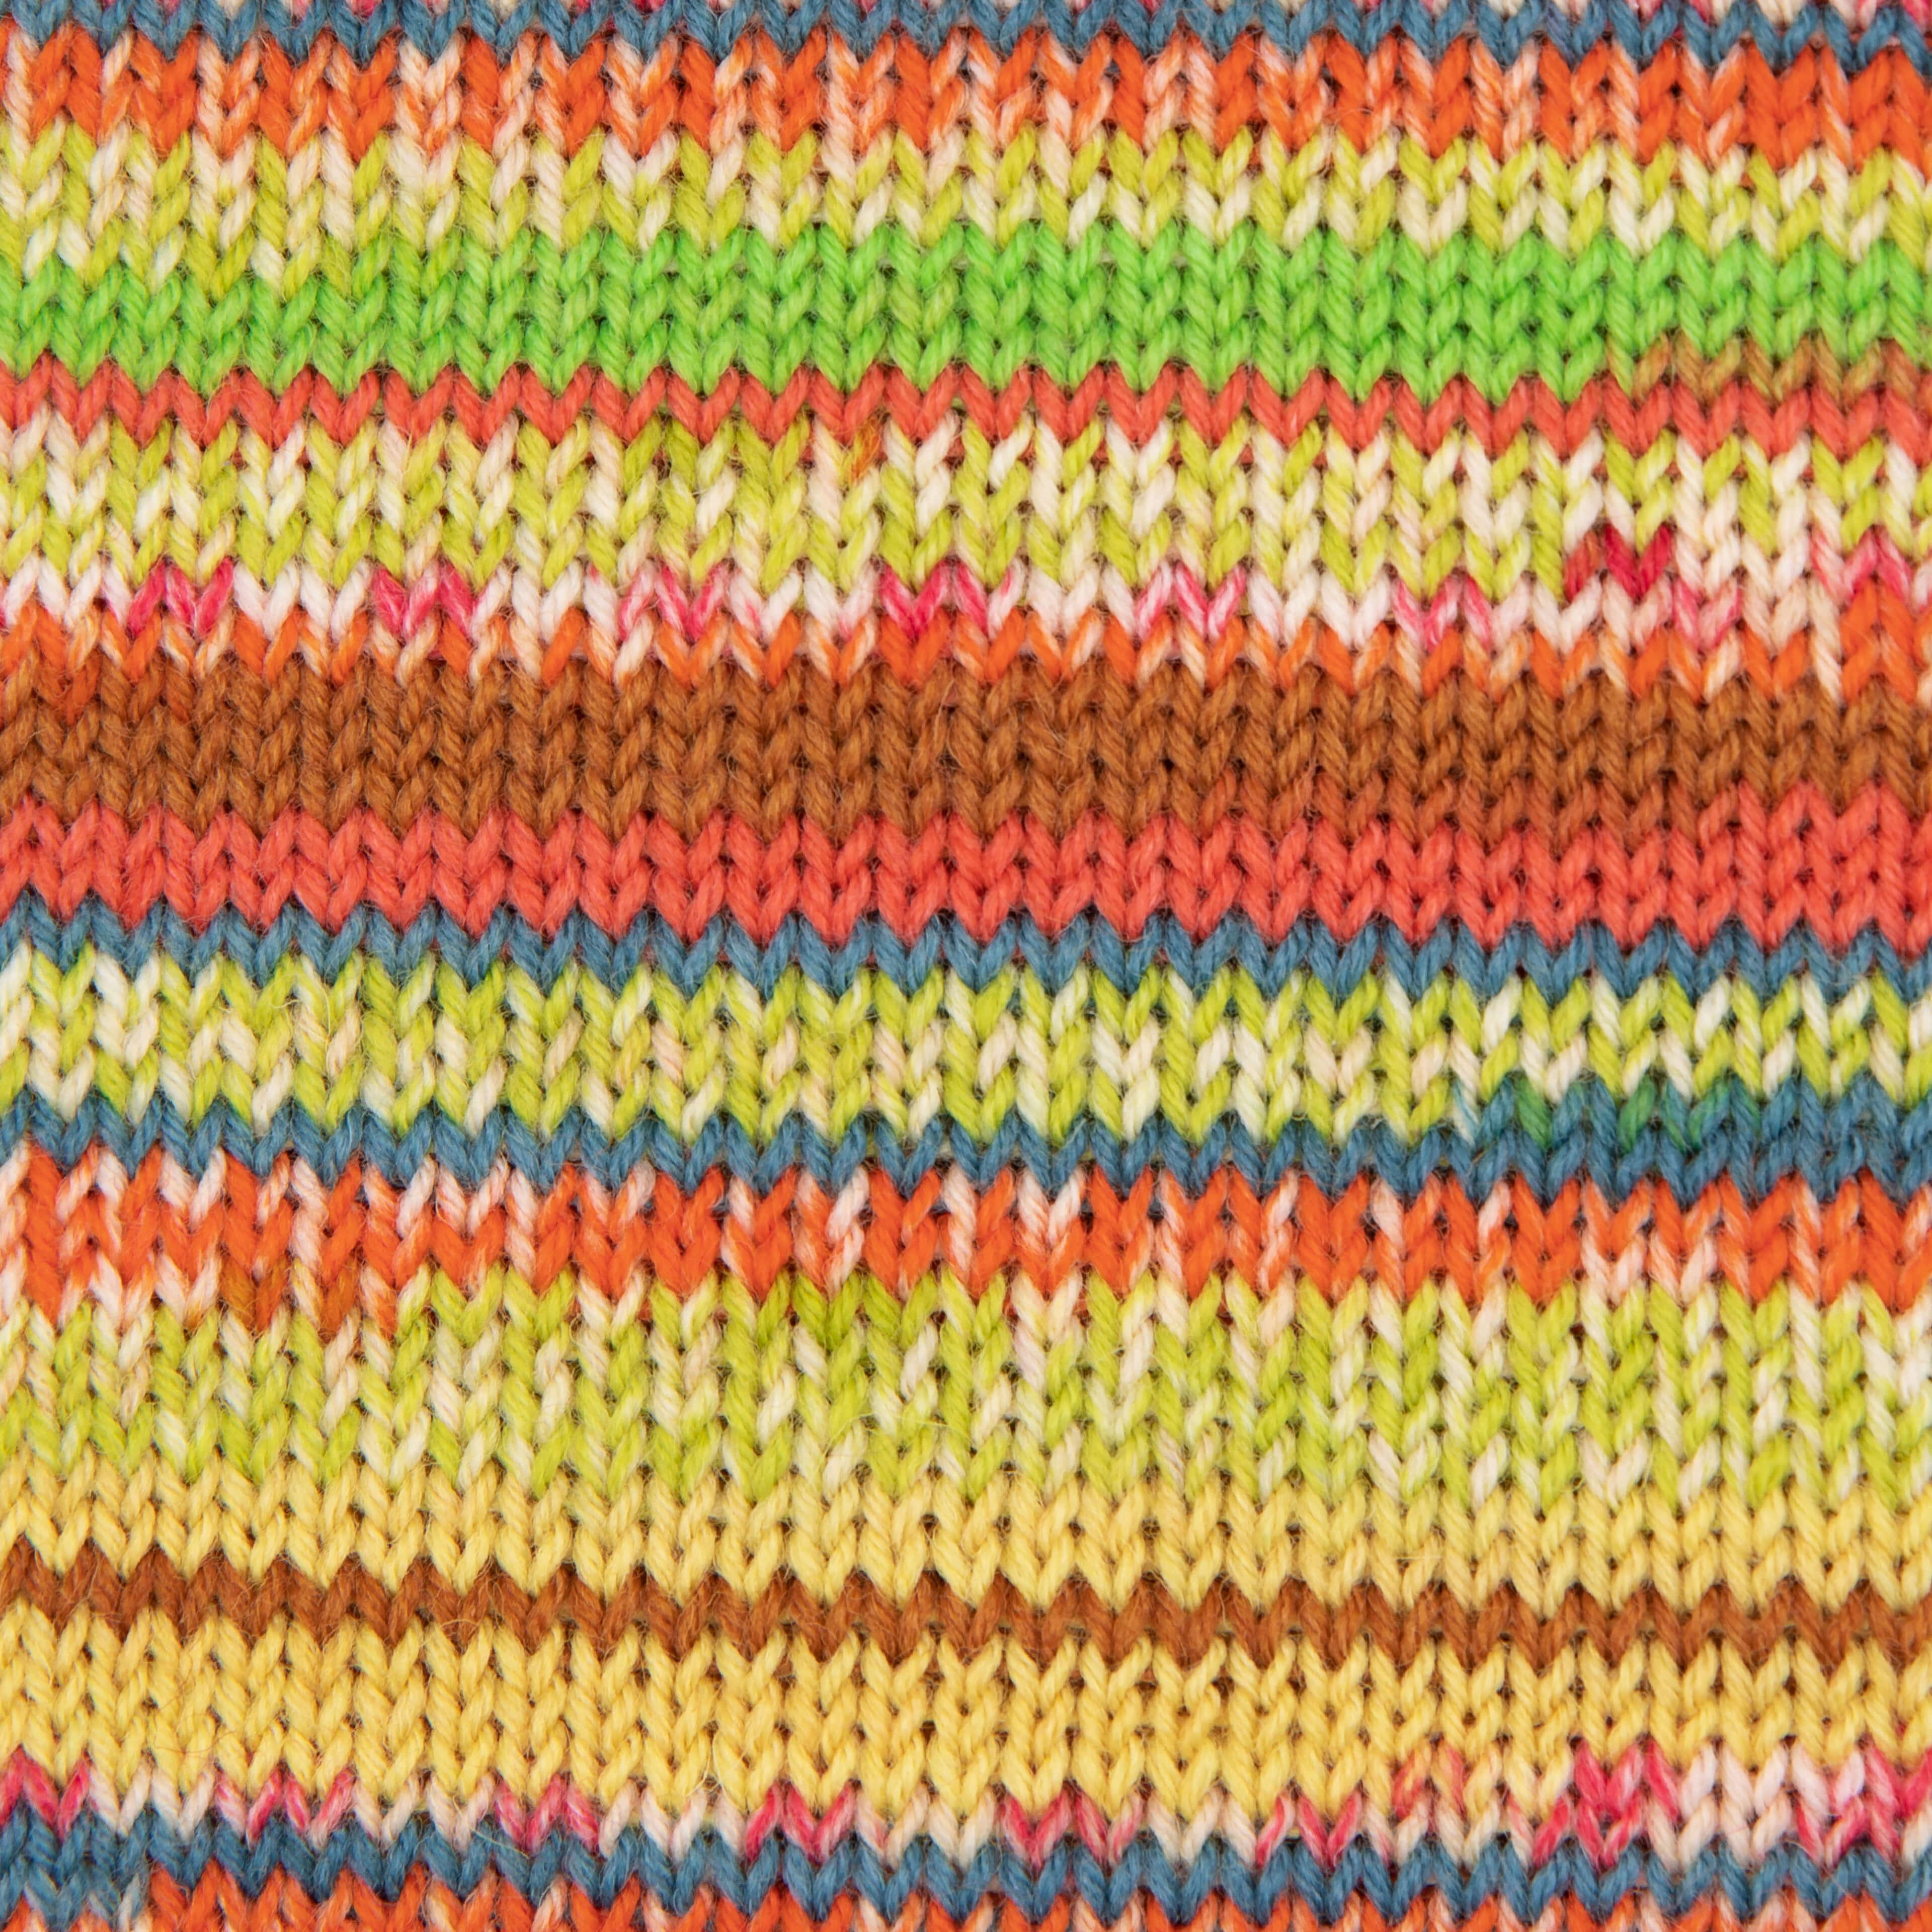 gelb-grün-hummer-multicolor